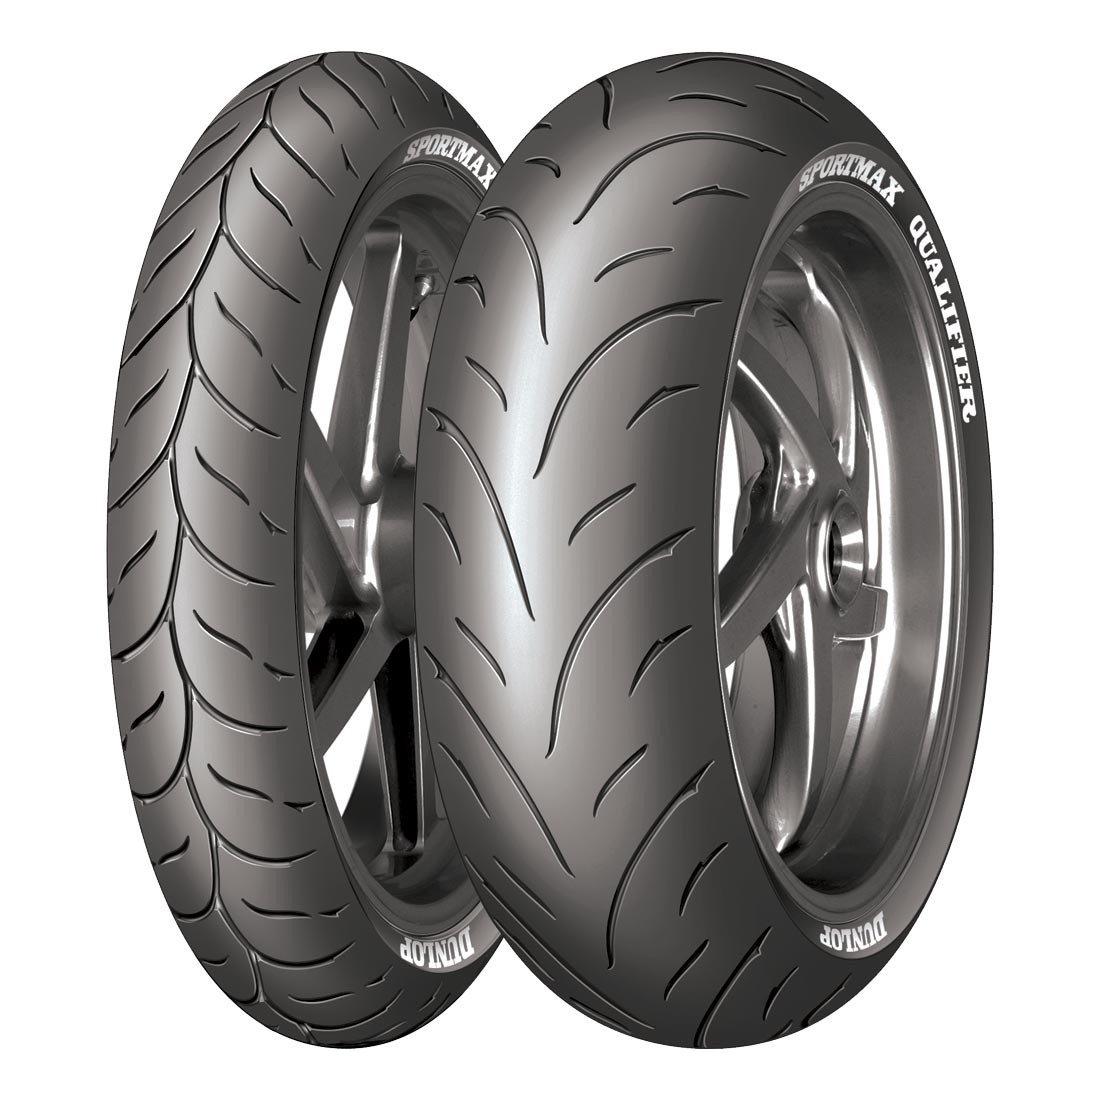 Dunlop Sportmax Qualifier 120/70 R17 58W